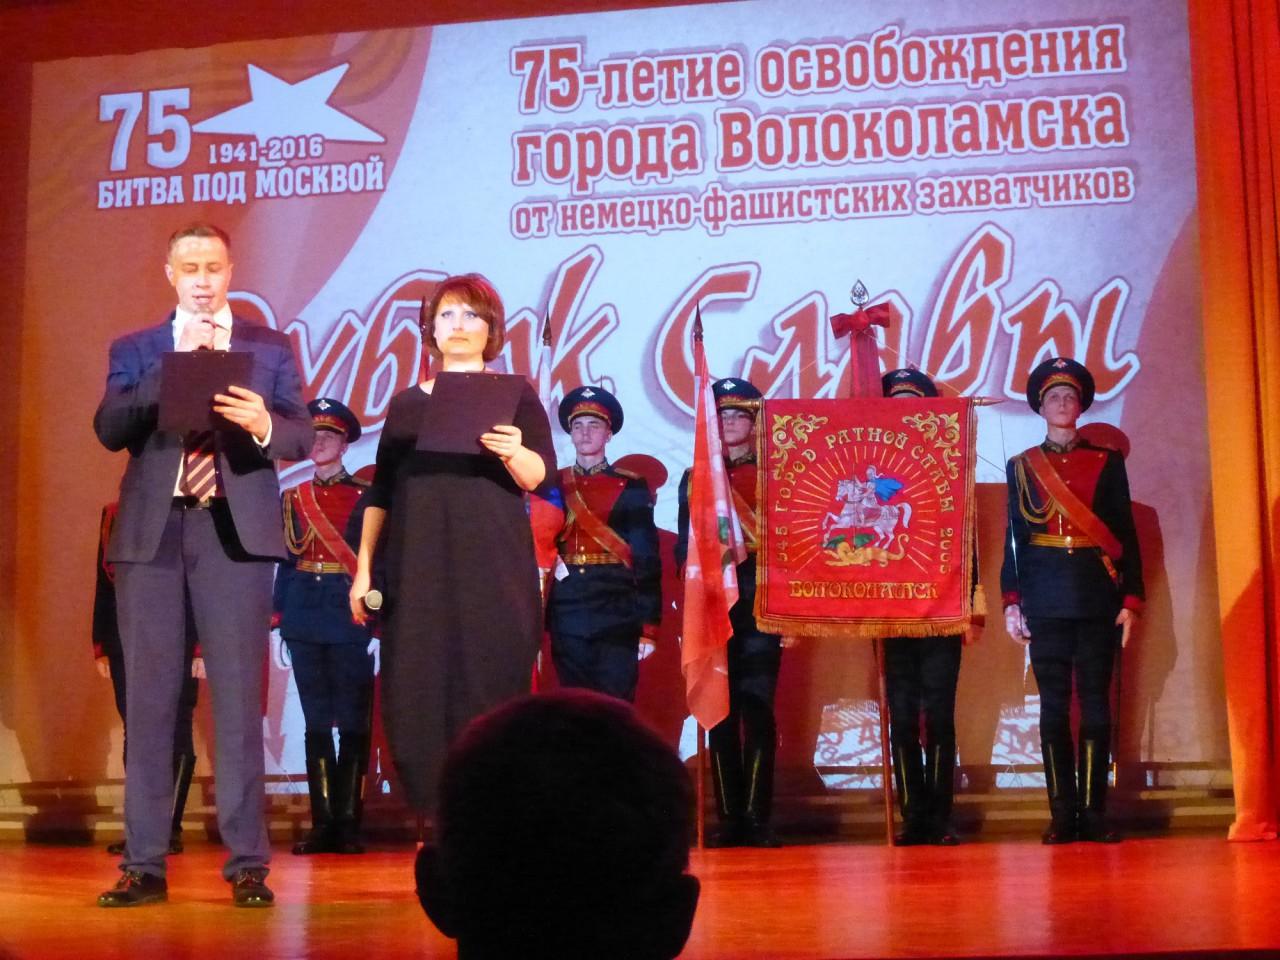 Участие в городском мероприятии, посвященном 75-летию освобождения г. Волоколамска от немецко-фашистских захватчиков